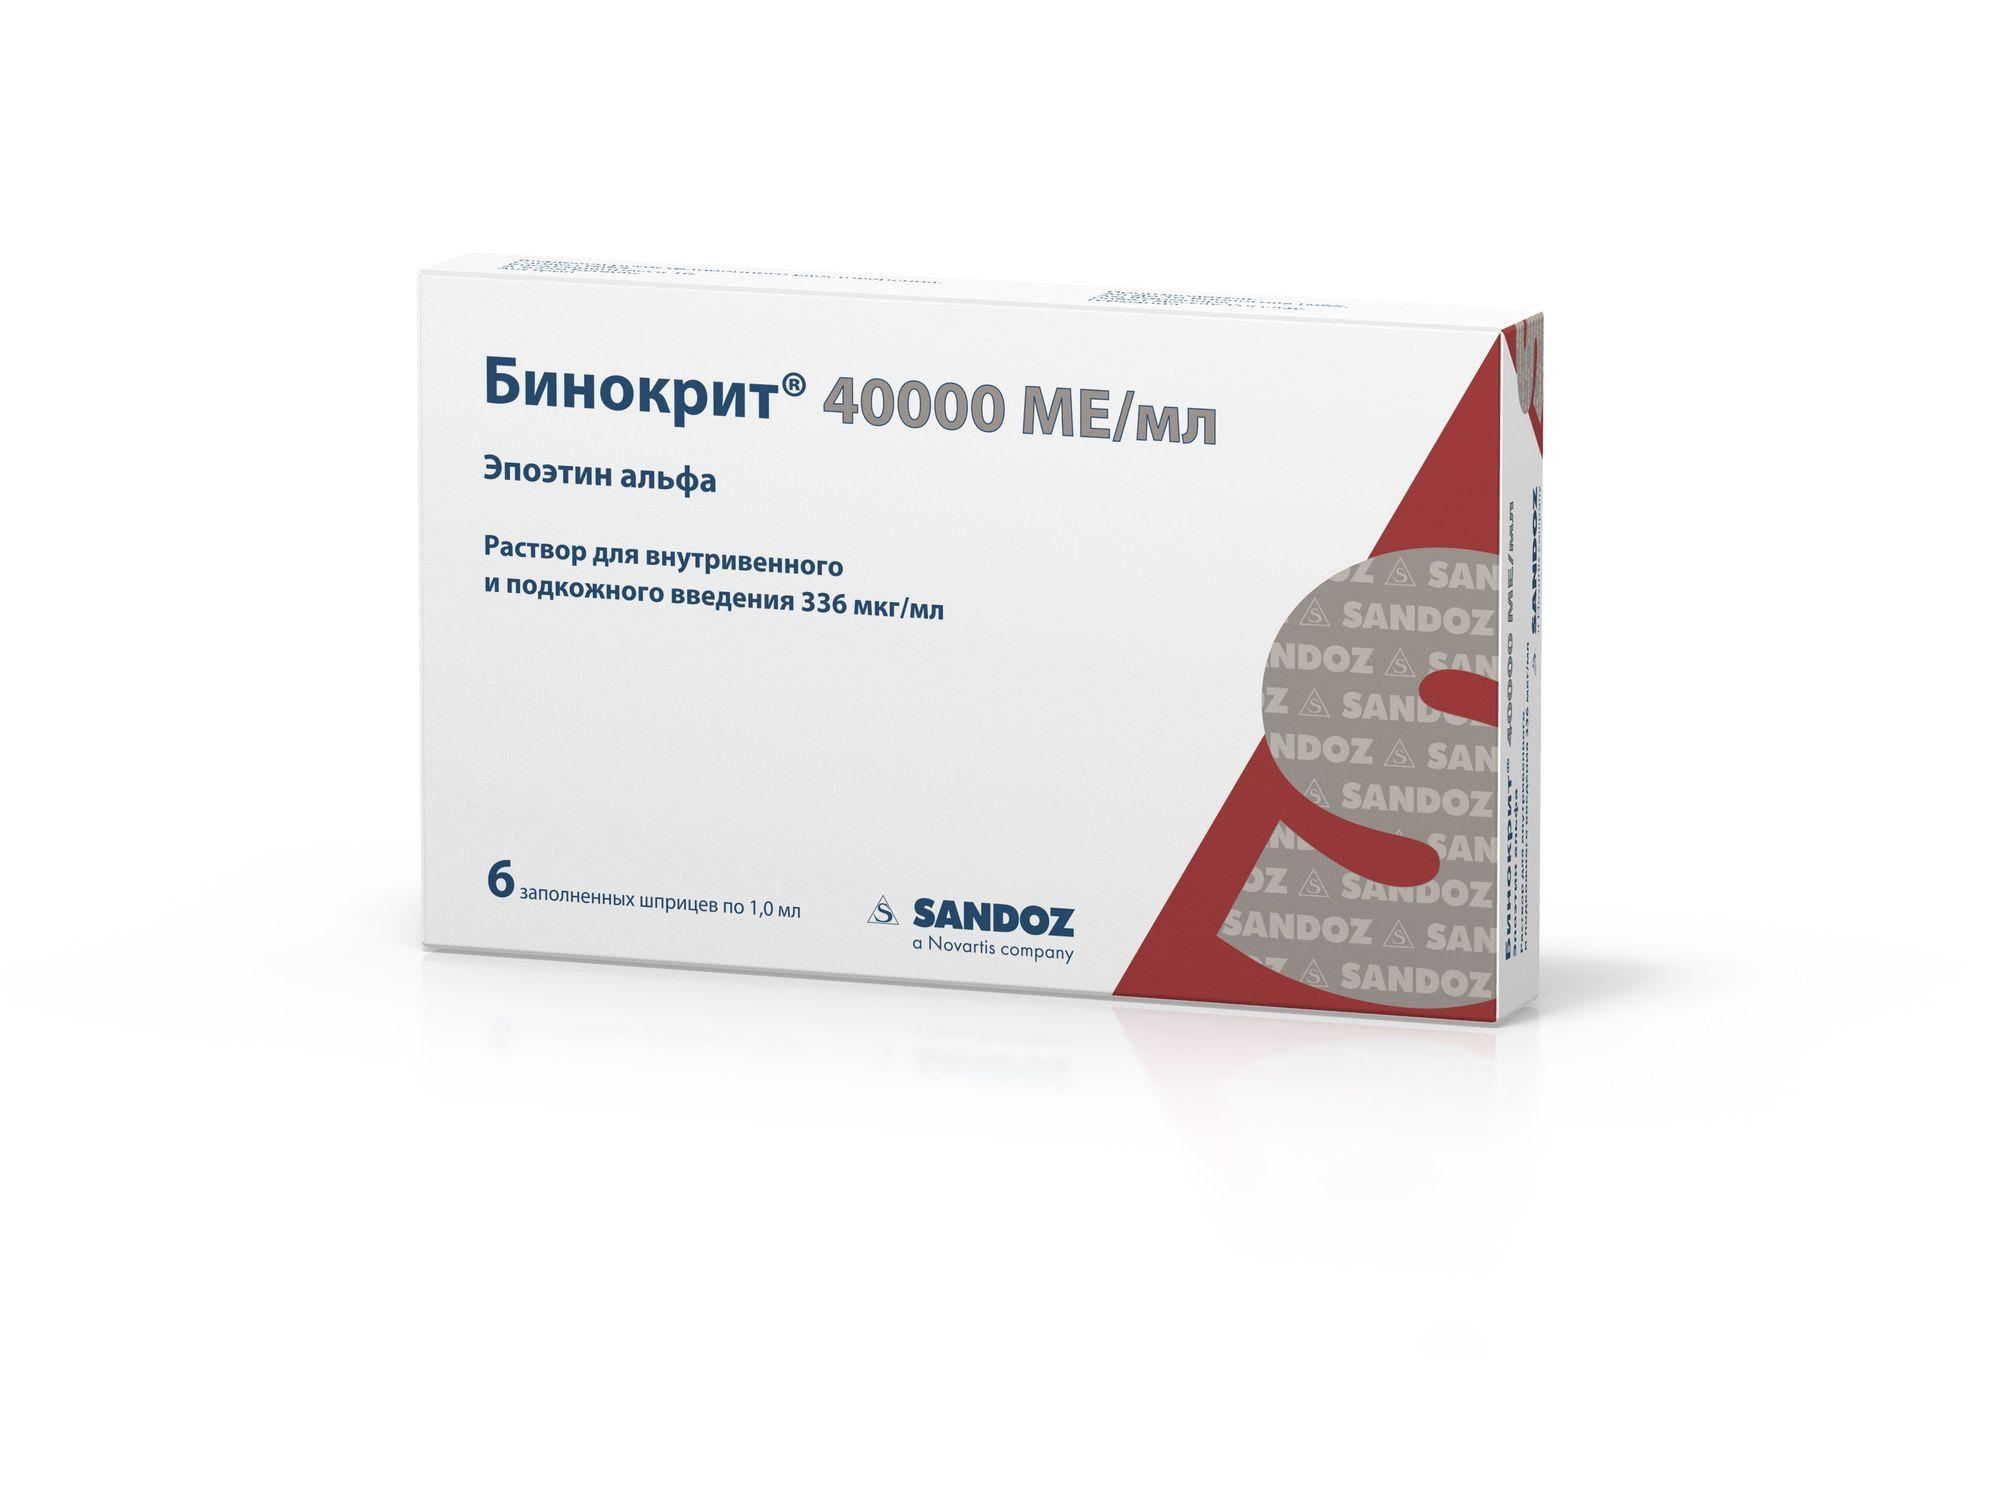 Бинокрит, 336 мкг/мл (40000 МЕ/мл), раствор для внутривенного и подкожного введения, 1 мл, 6 шт.